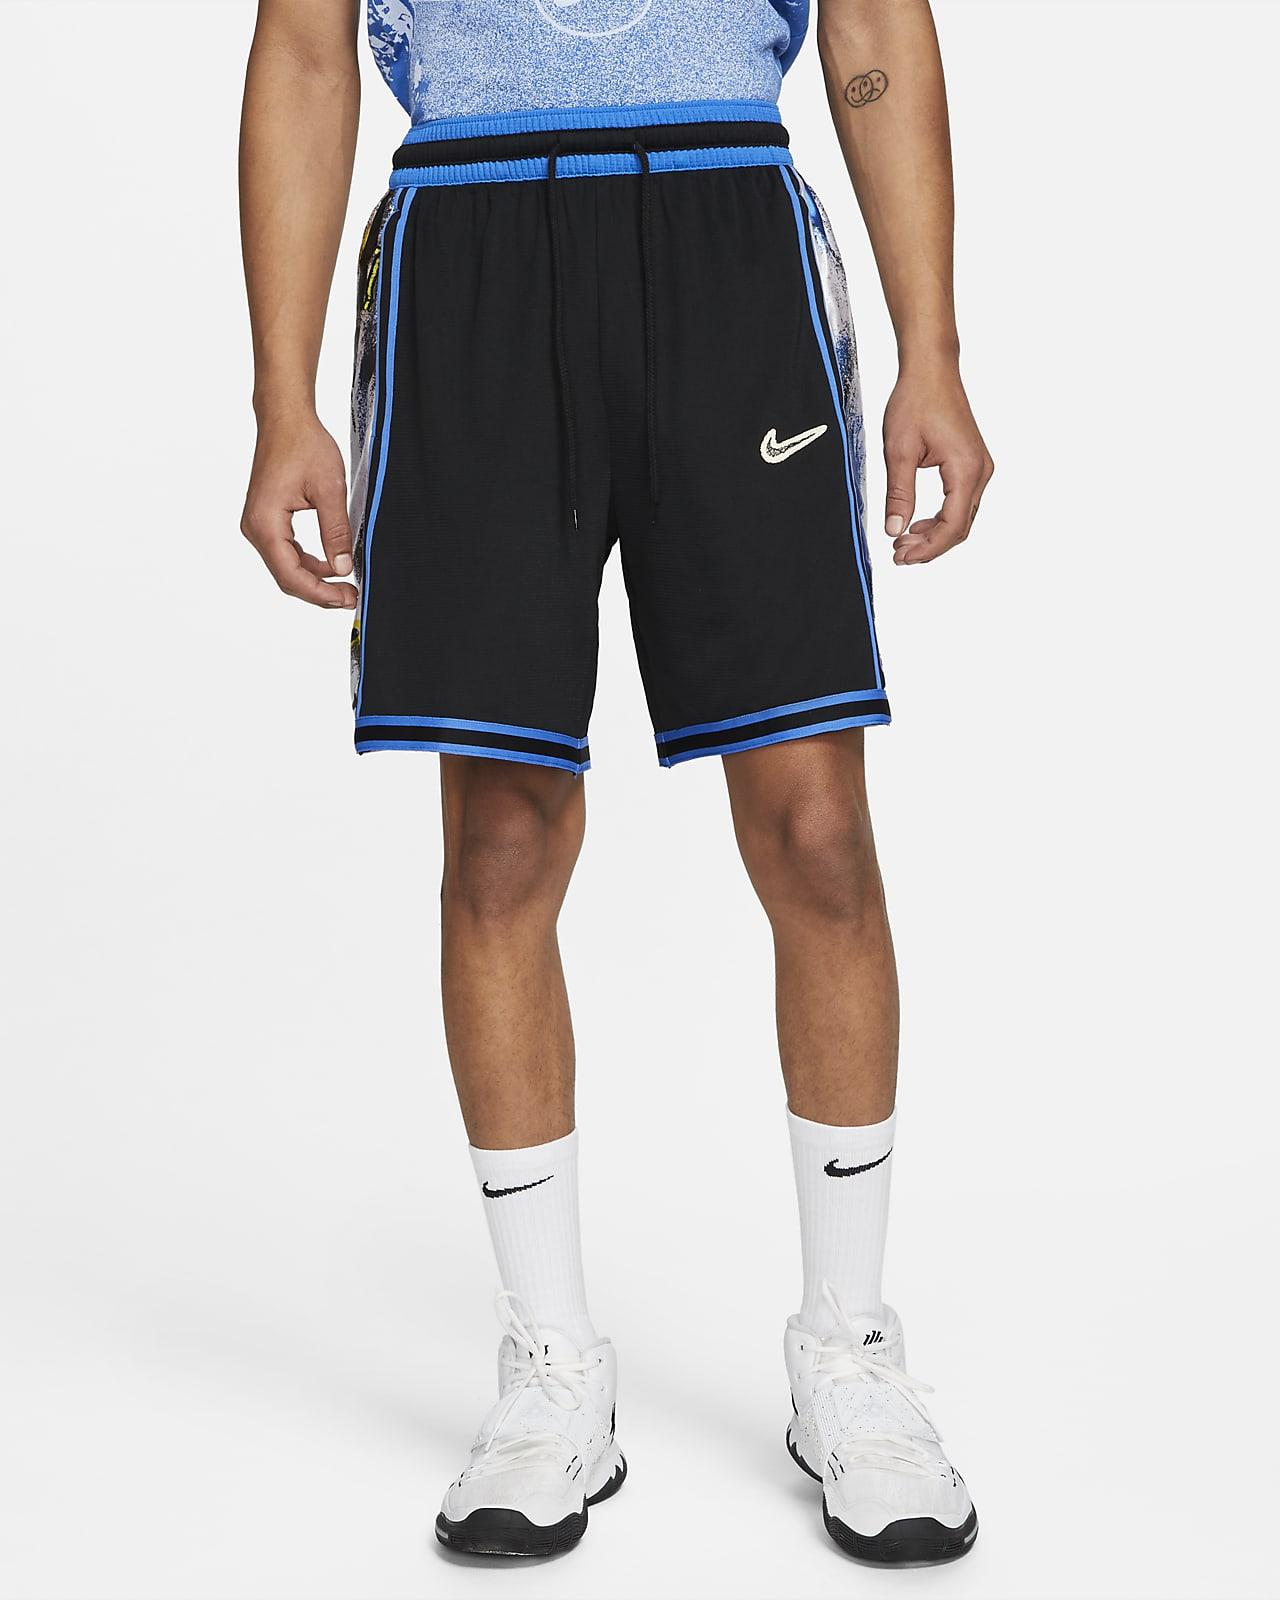 Shorts de básquetbol para hombre Nike Dri-FIT DNA+